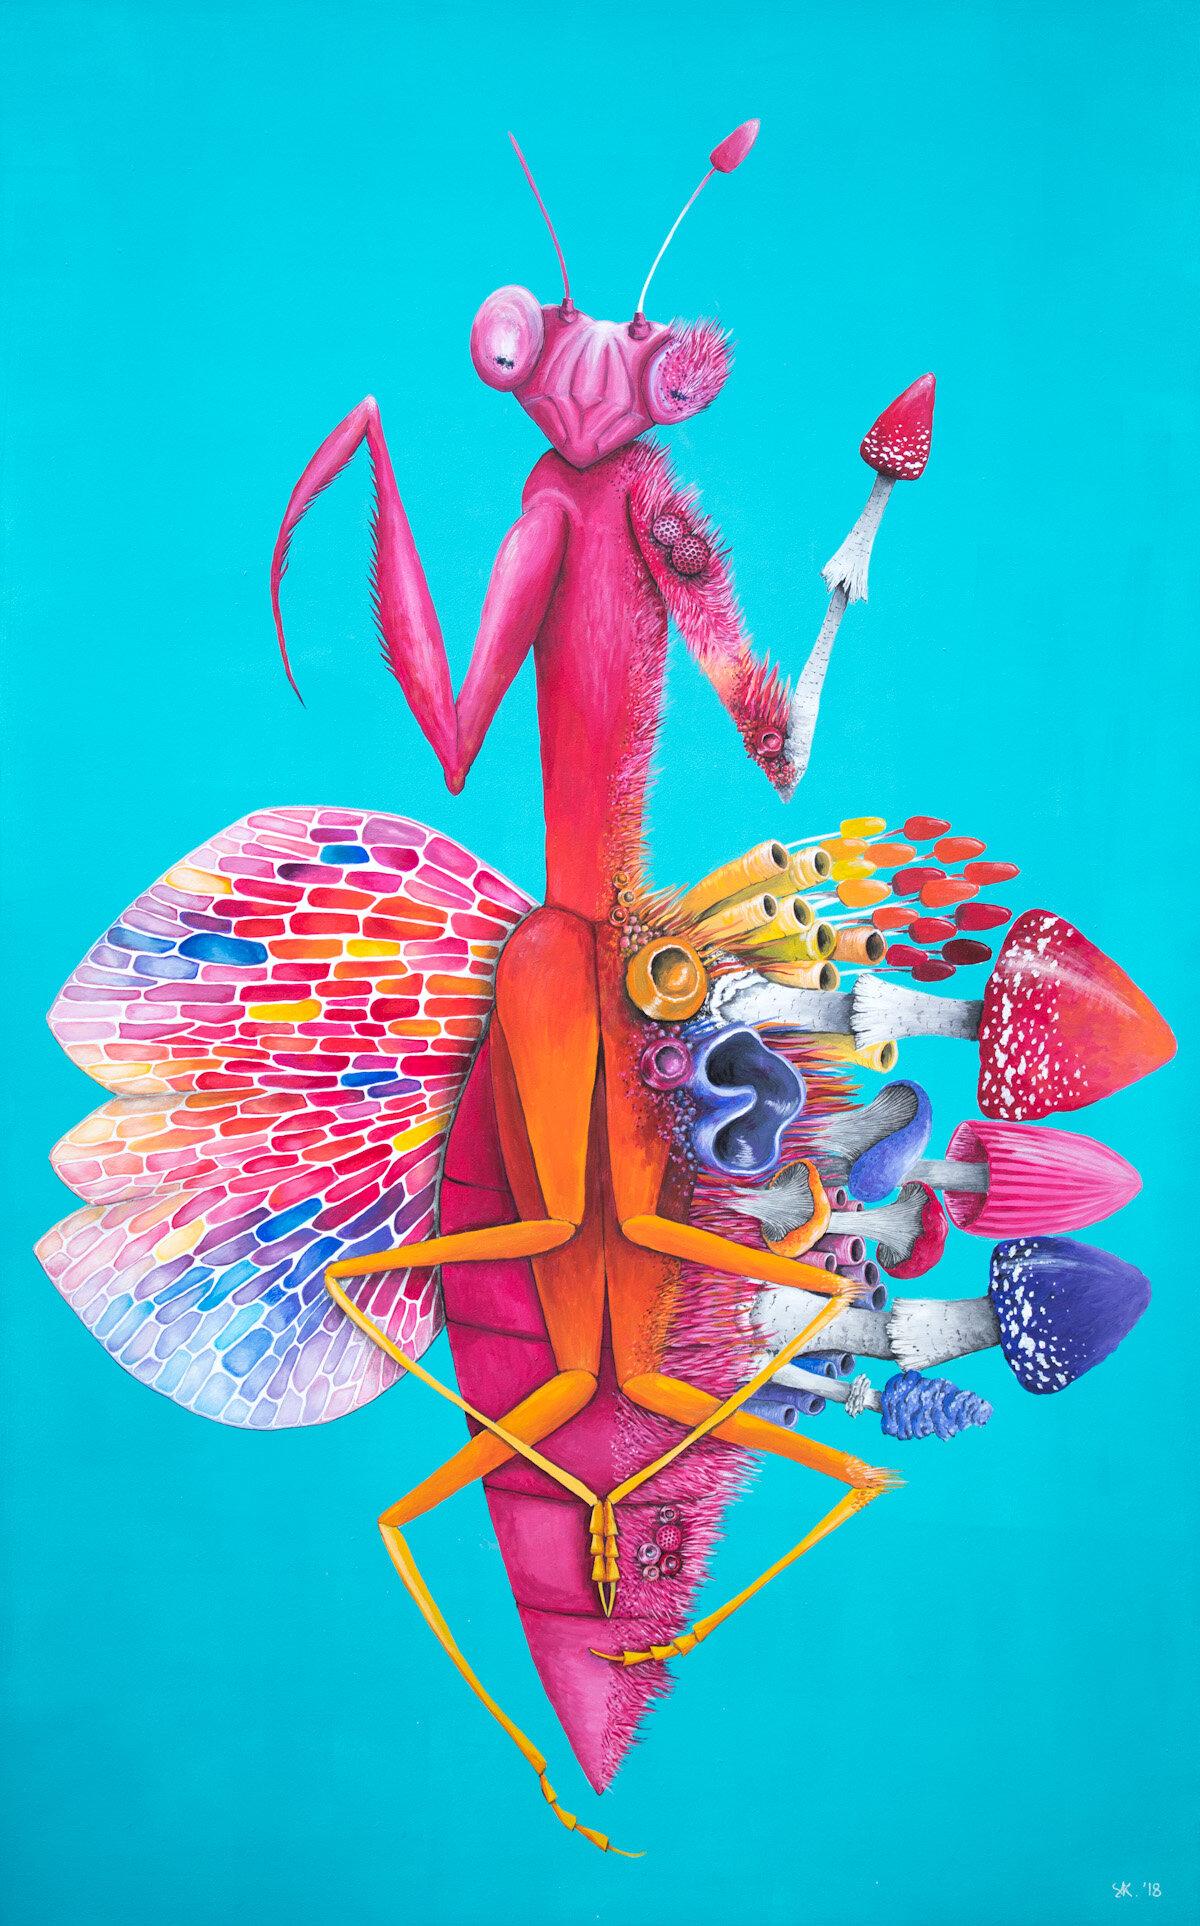 波斯波音,螳螂画,2018,斯蒂芬妮·基尔加斯特